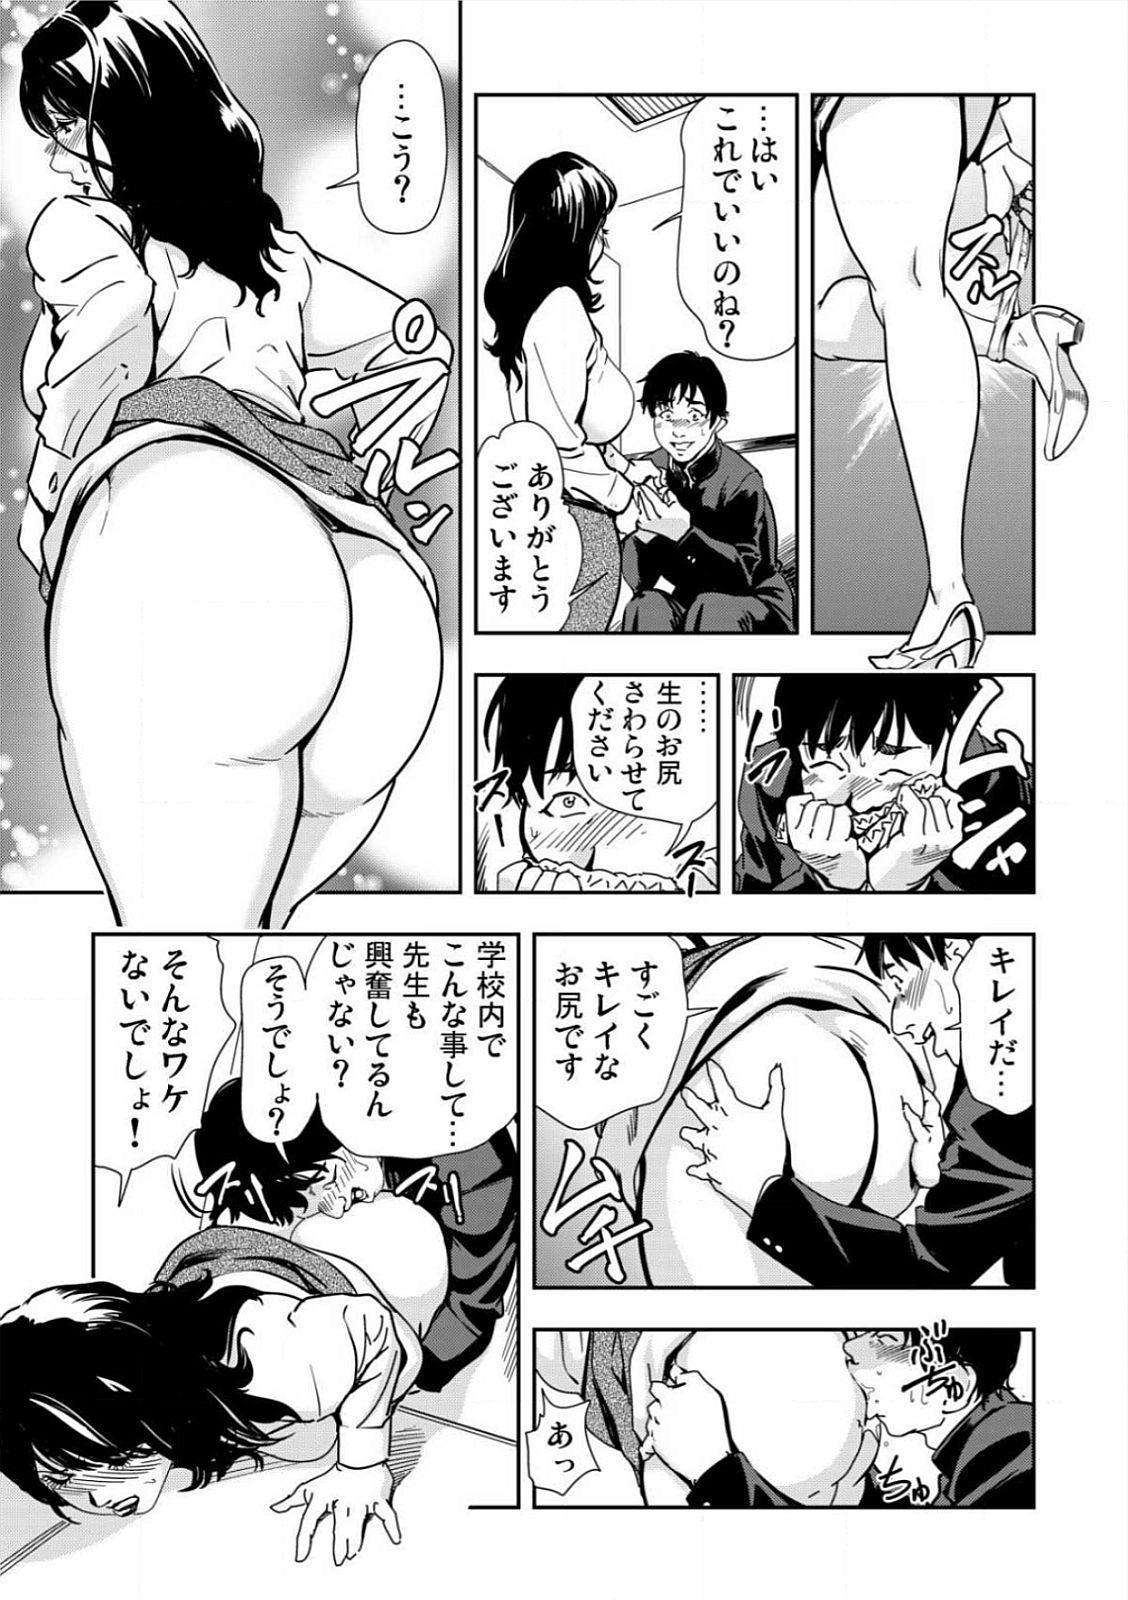 [Misaki Yukihiro] Kyousei Shidou ~Mechakucha ni Kegasarete~ (1)~(6) [Digital] 68